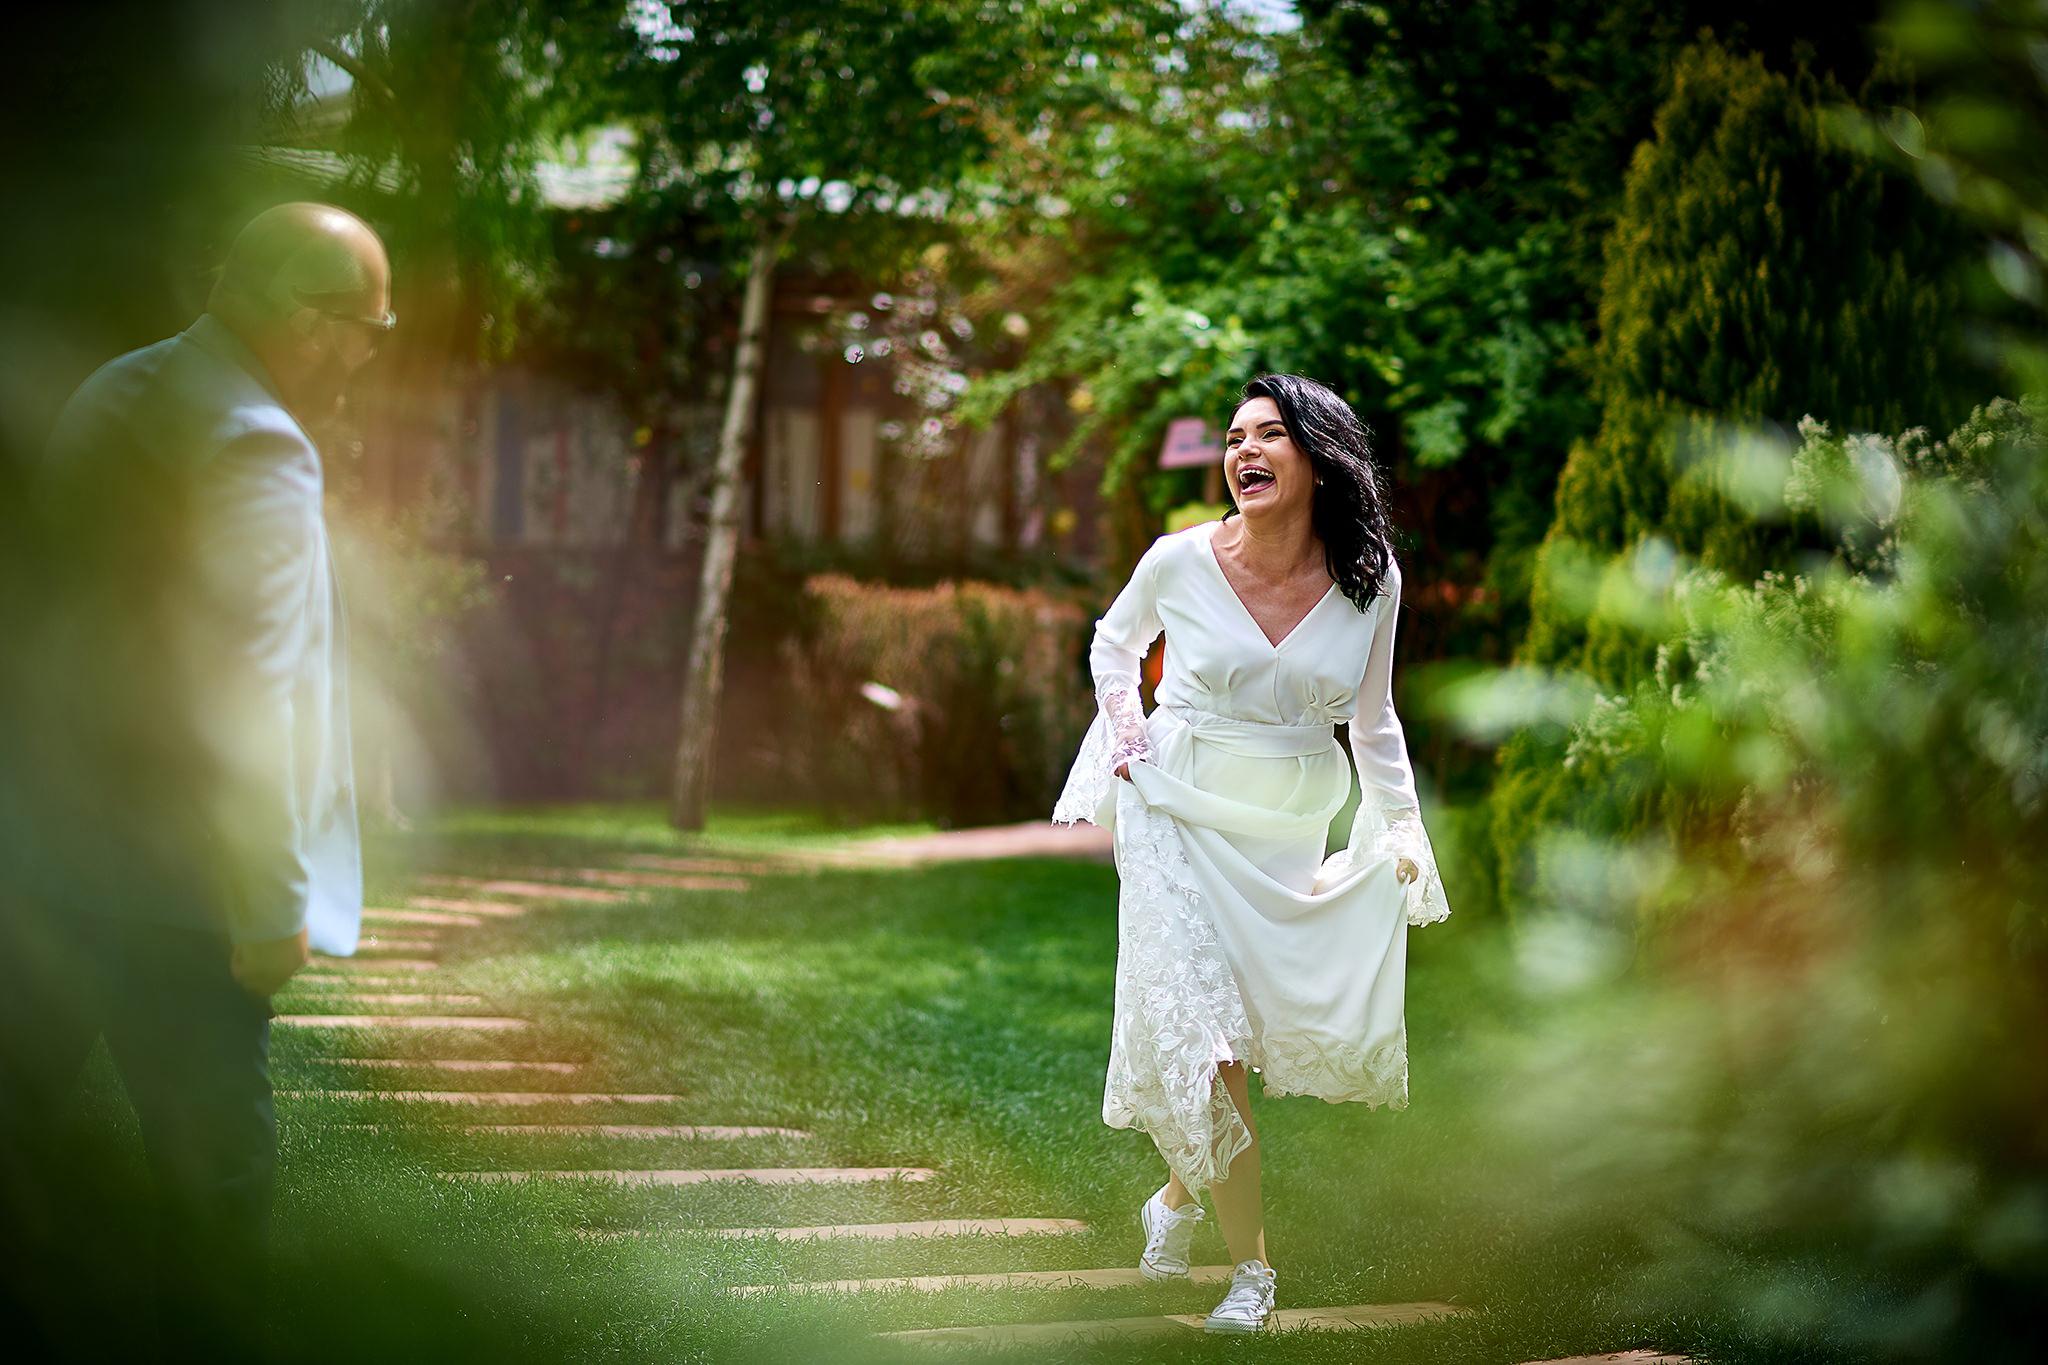 fotograf de nunta constanta 20